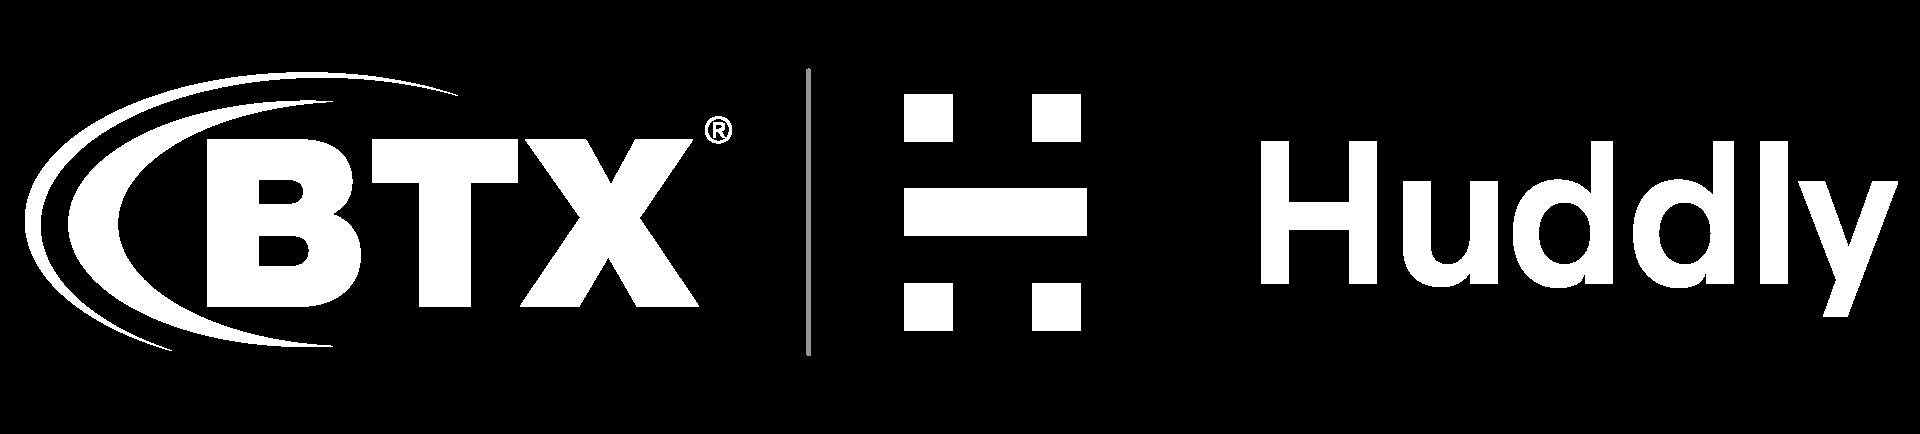 BTX_Huddly_logos_wht2